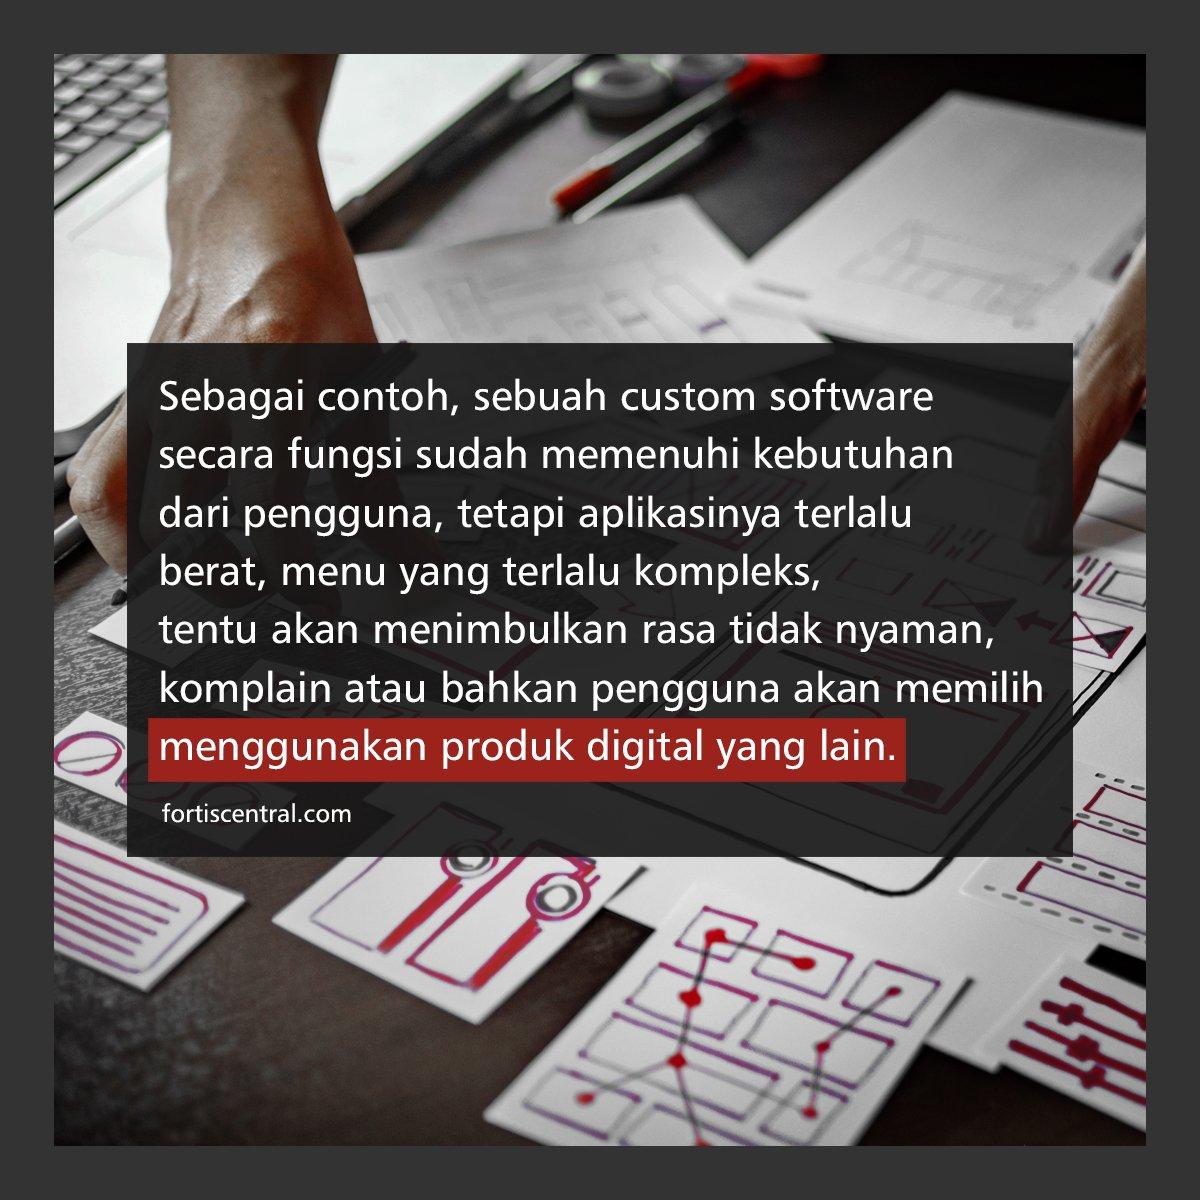 #ux #uxdesign #design #userexperience